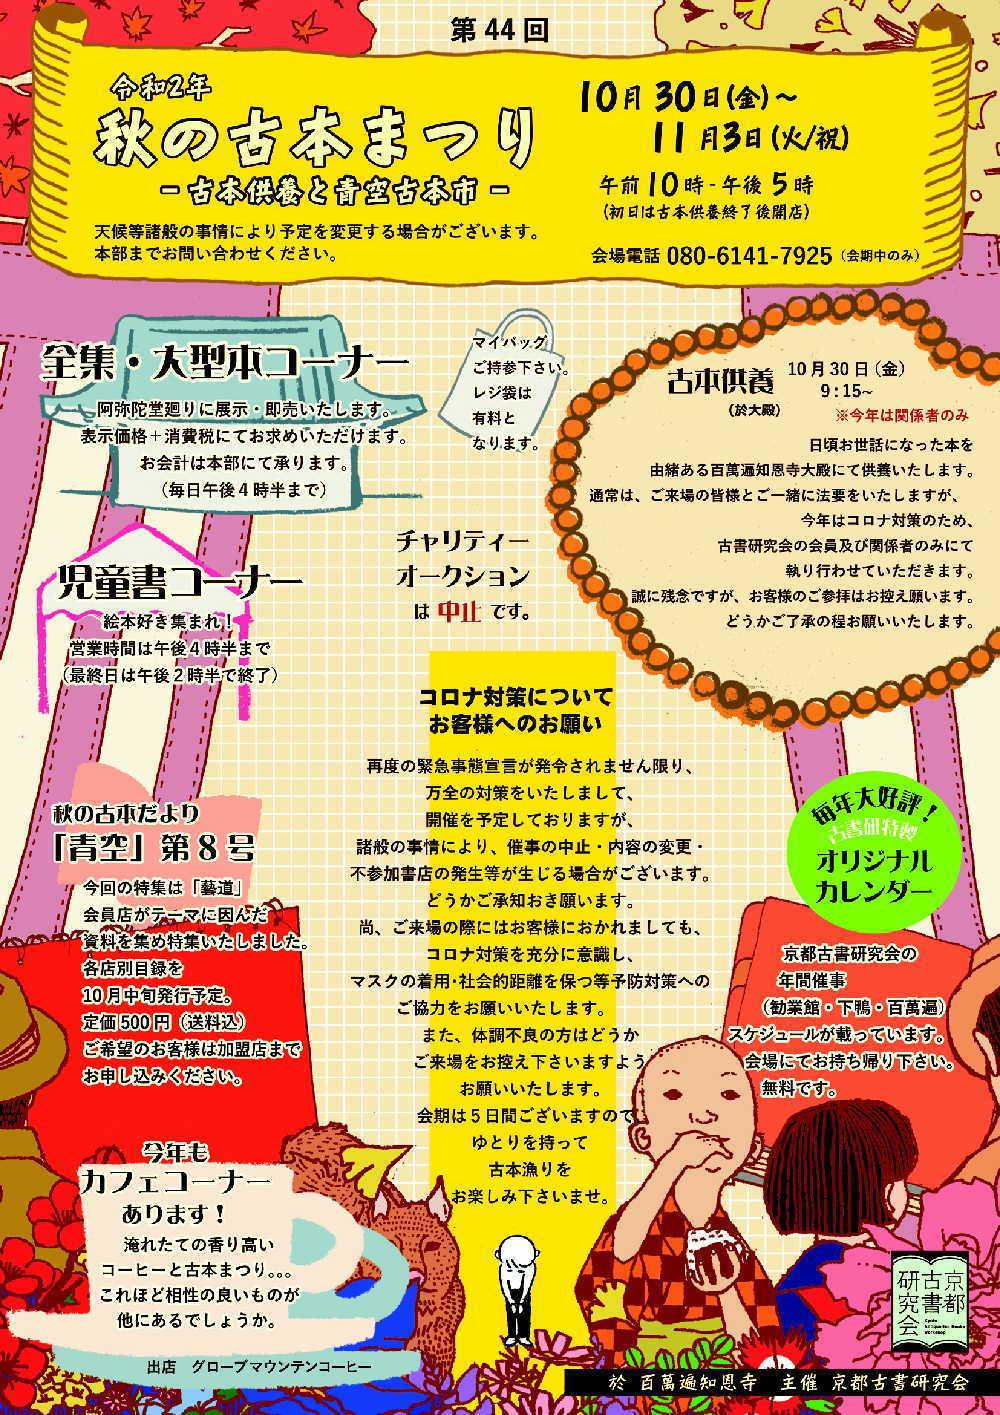 第44回 秋の古本まつり 10/30〜11/3